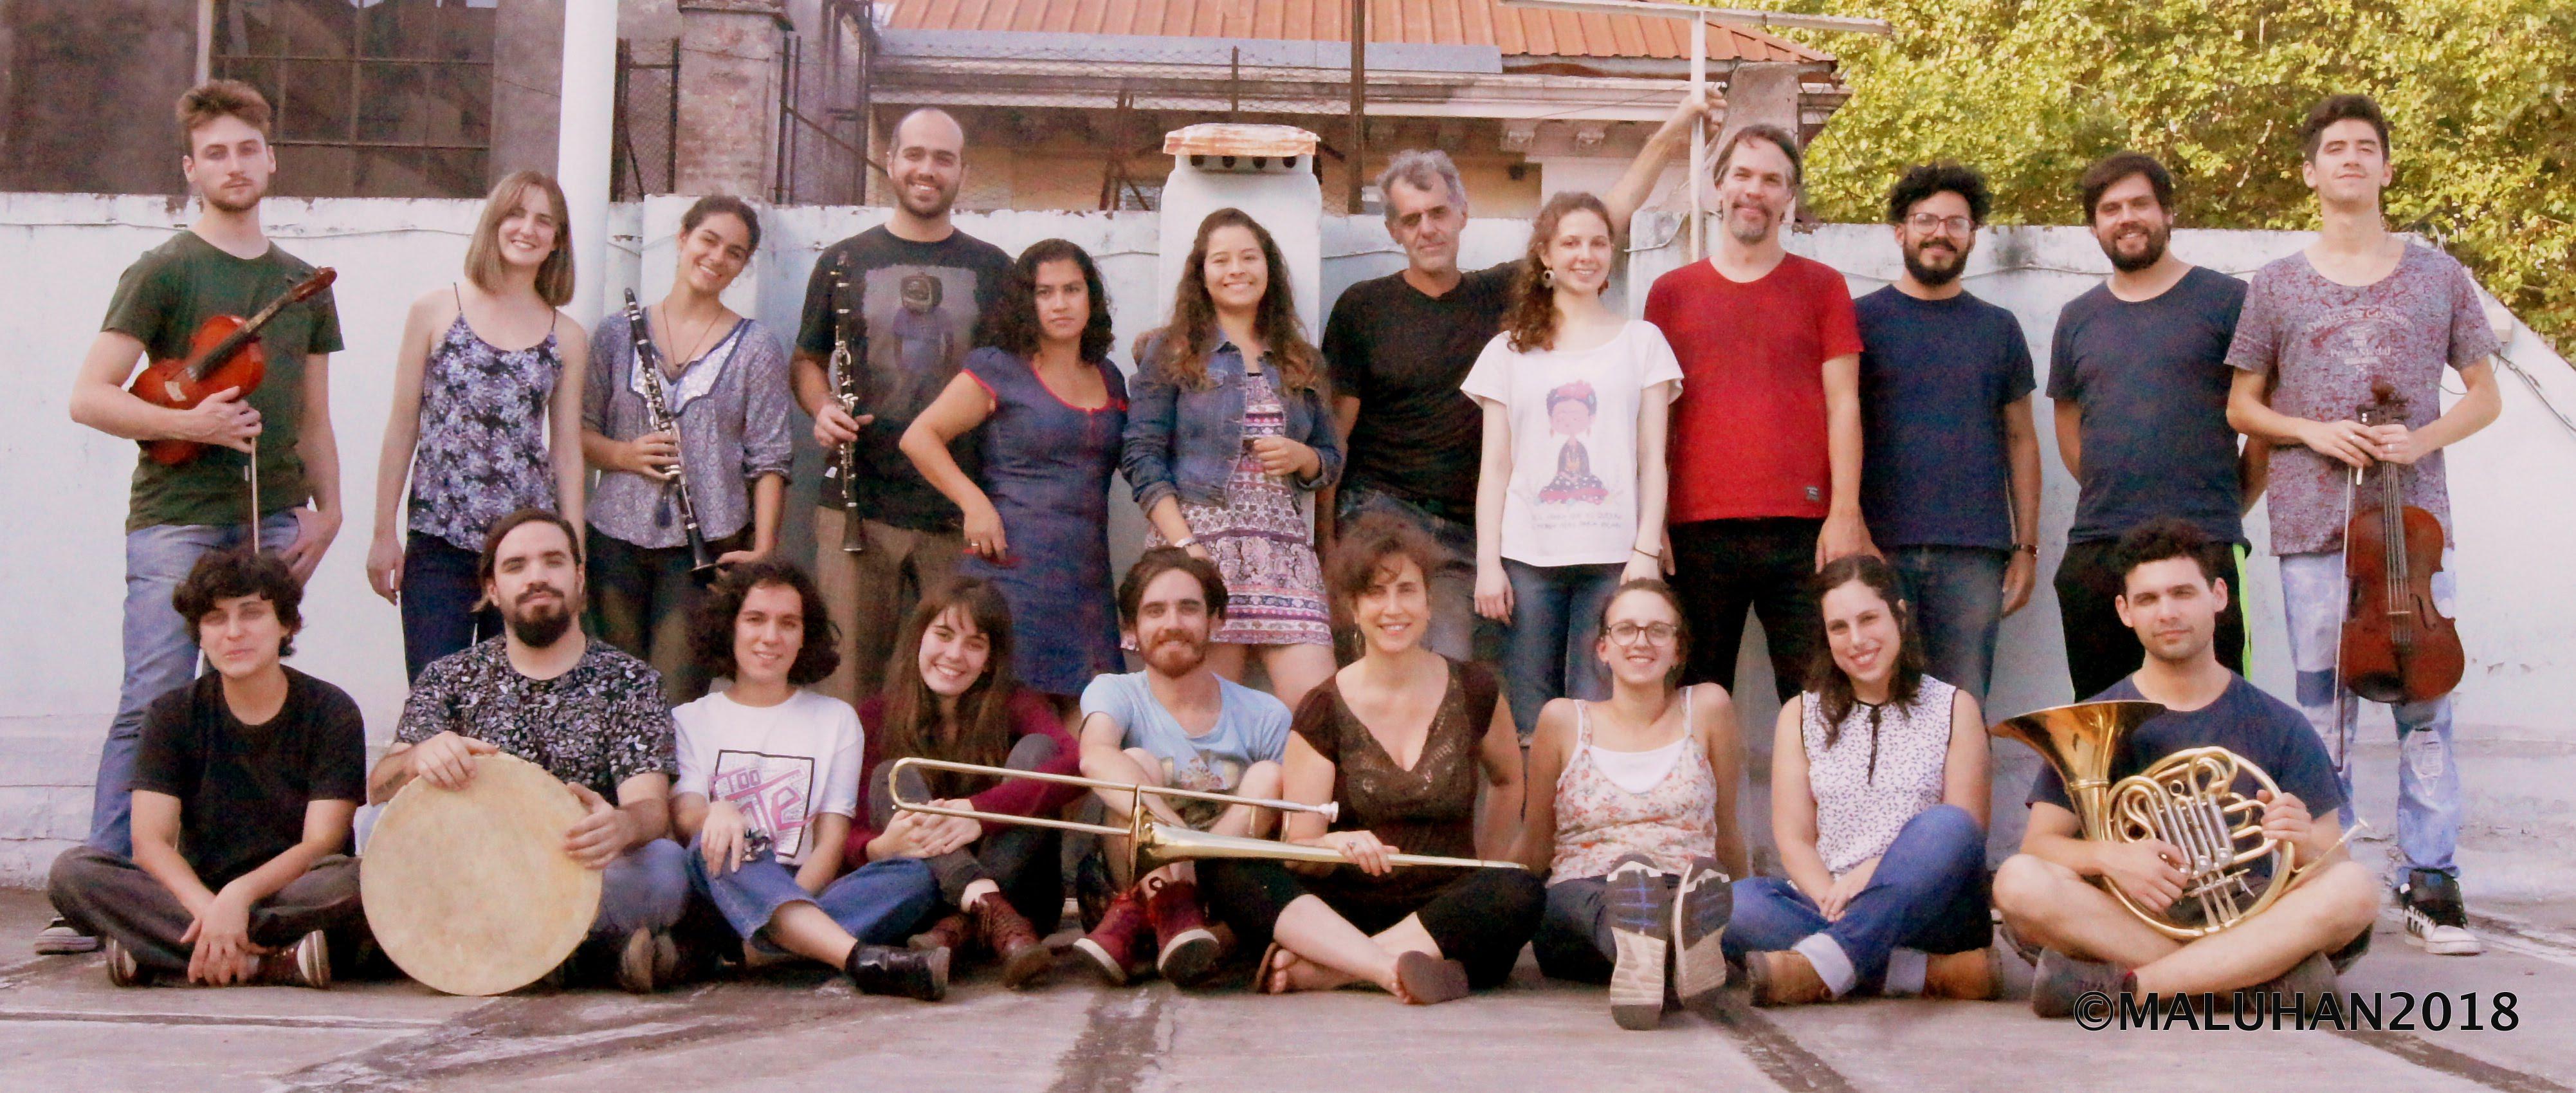 catalejorquesta: música para historietas